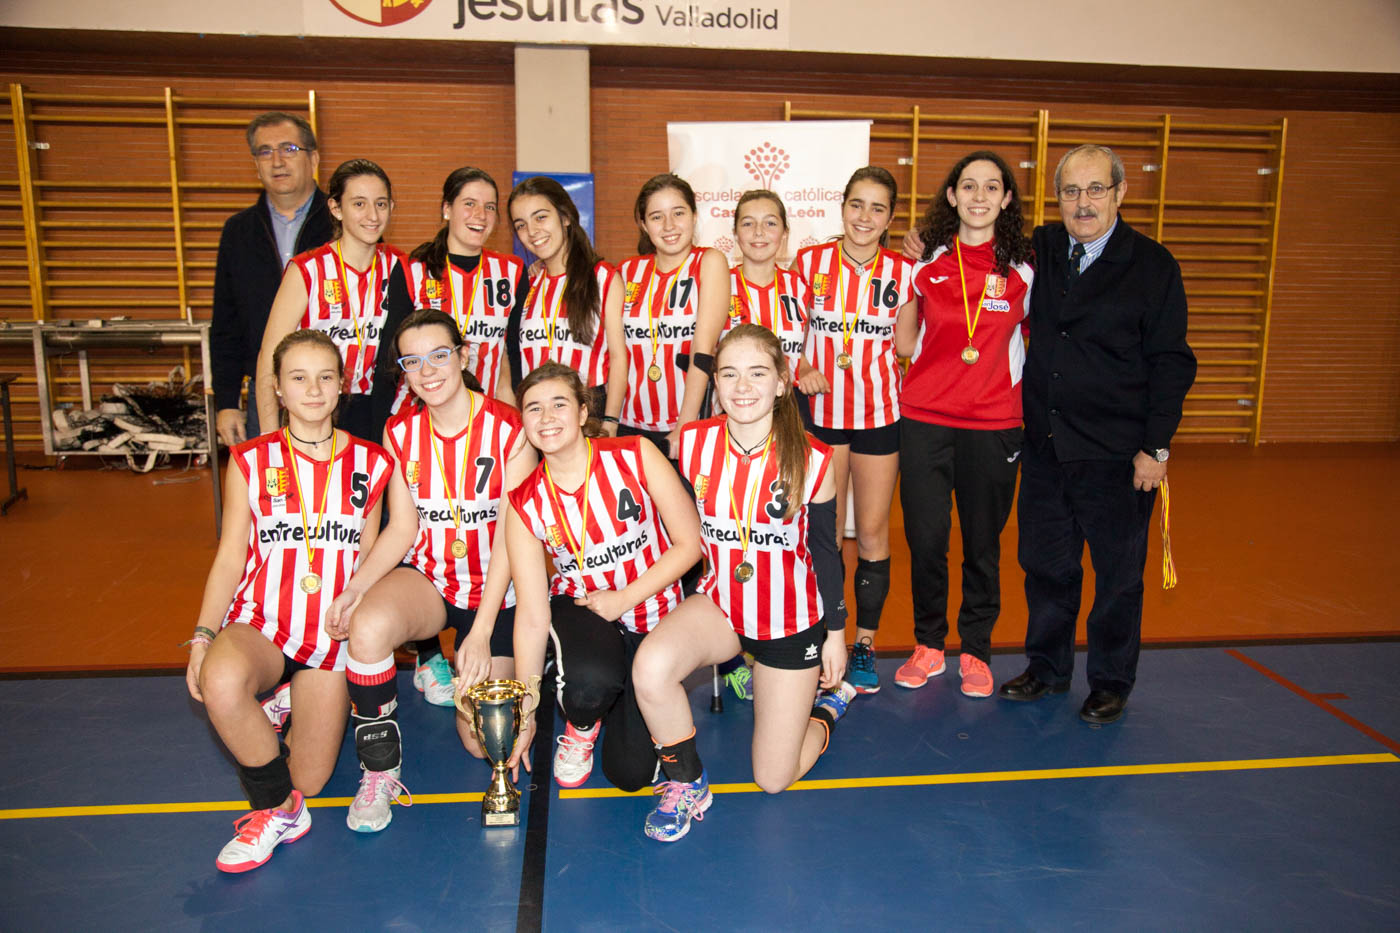 Colegio San José (Valladolid), campeón de voleibol femenino